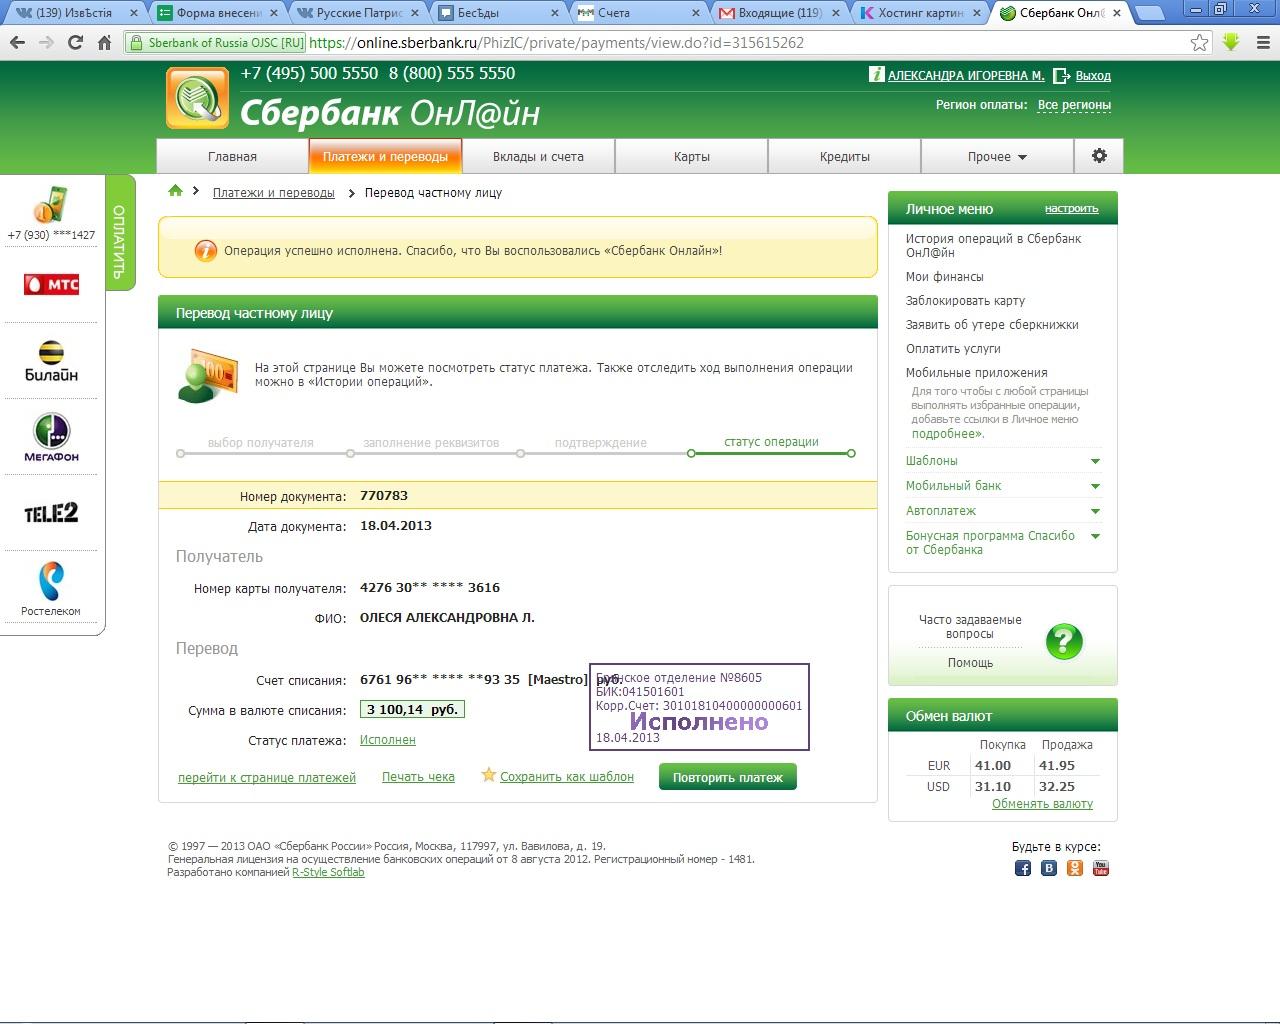 Как сделать скриншот в сбербанке онлайн